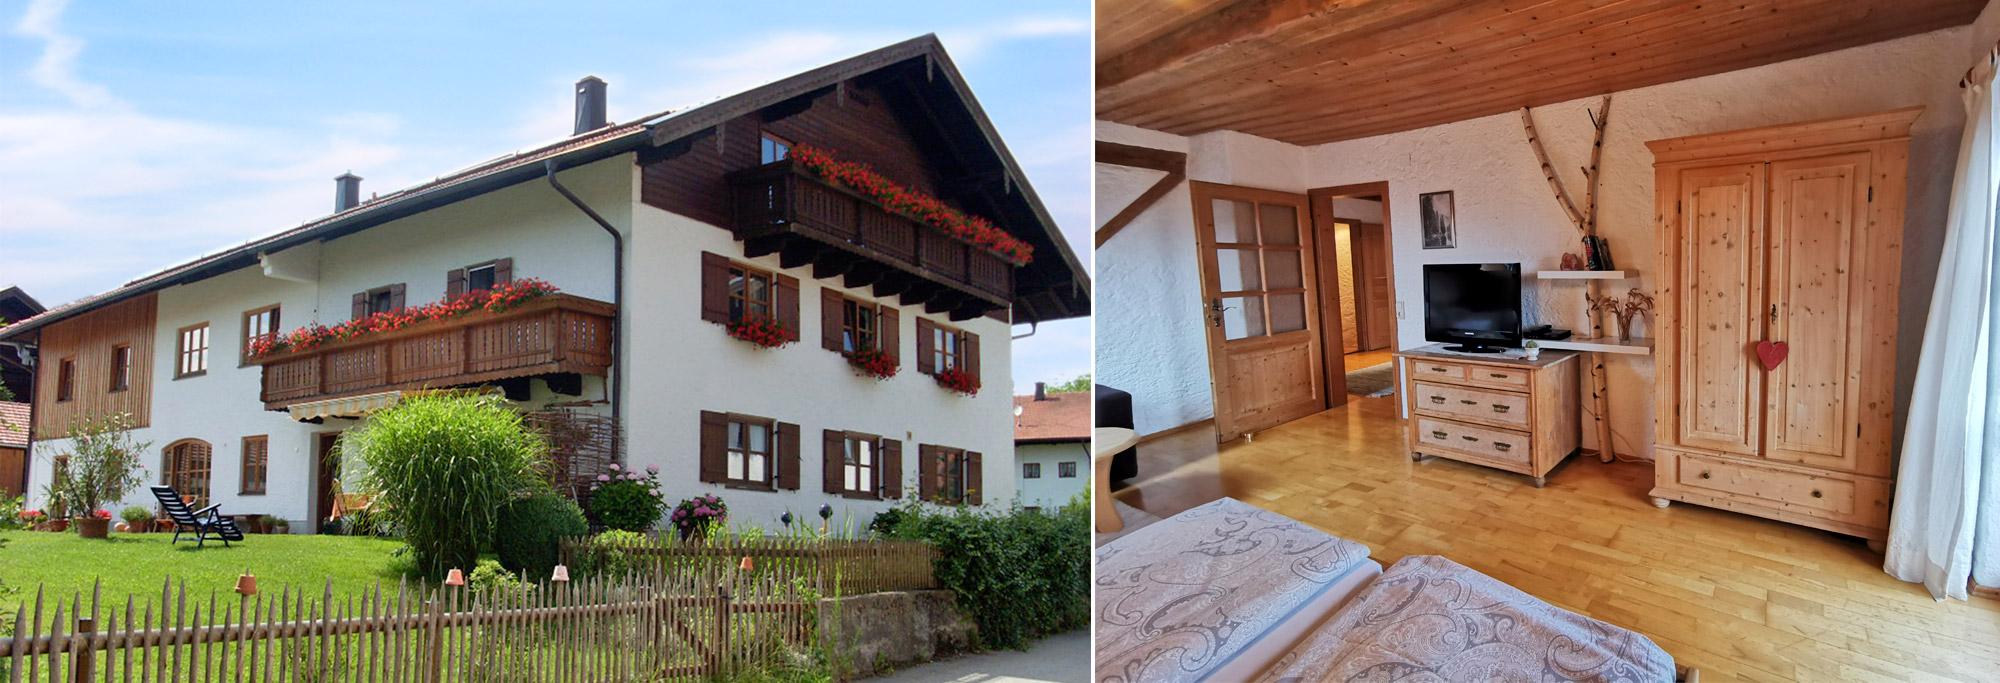 Ferienwohnung Monika Schartner in Meisham bei Eggstätt